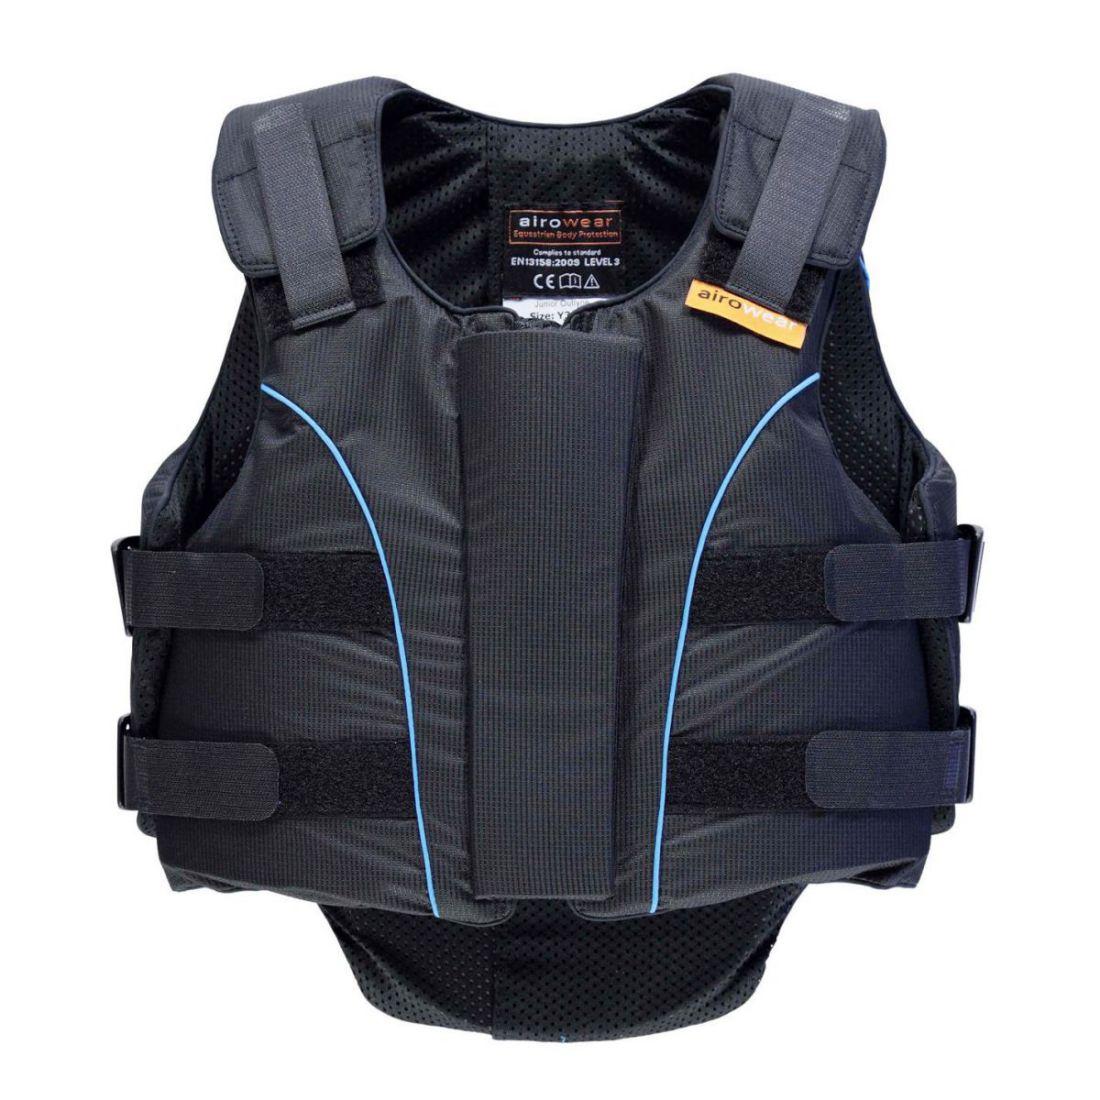 Airowear Kids Outlyne Body Predector Junior Rider Predection Lightweight Zip